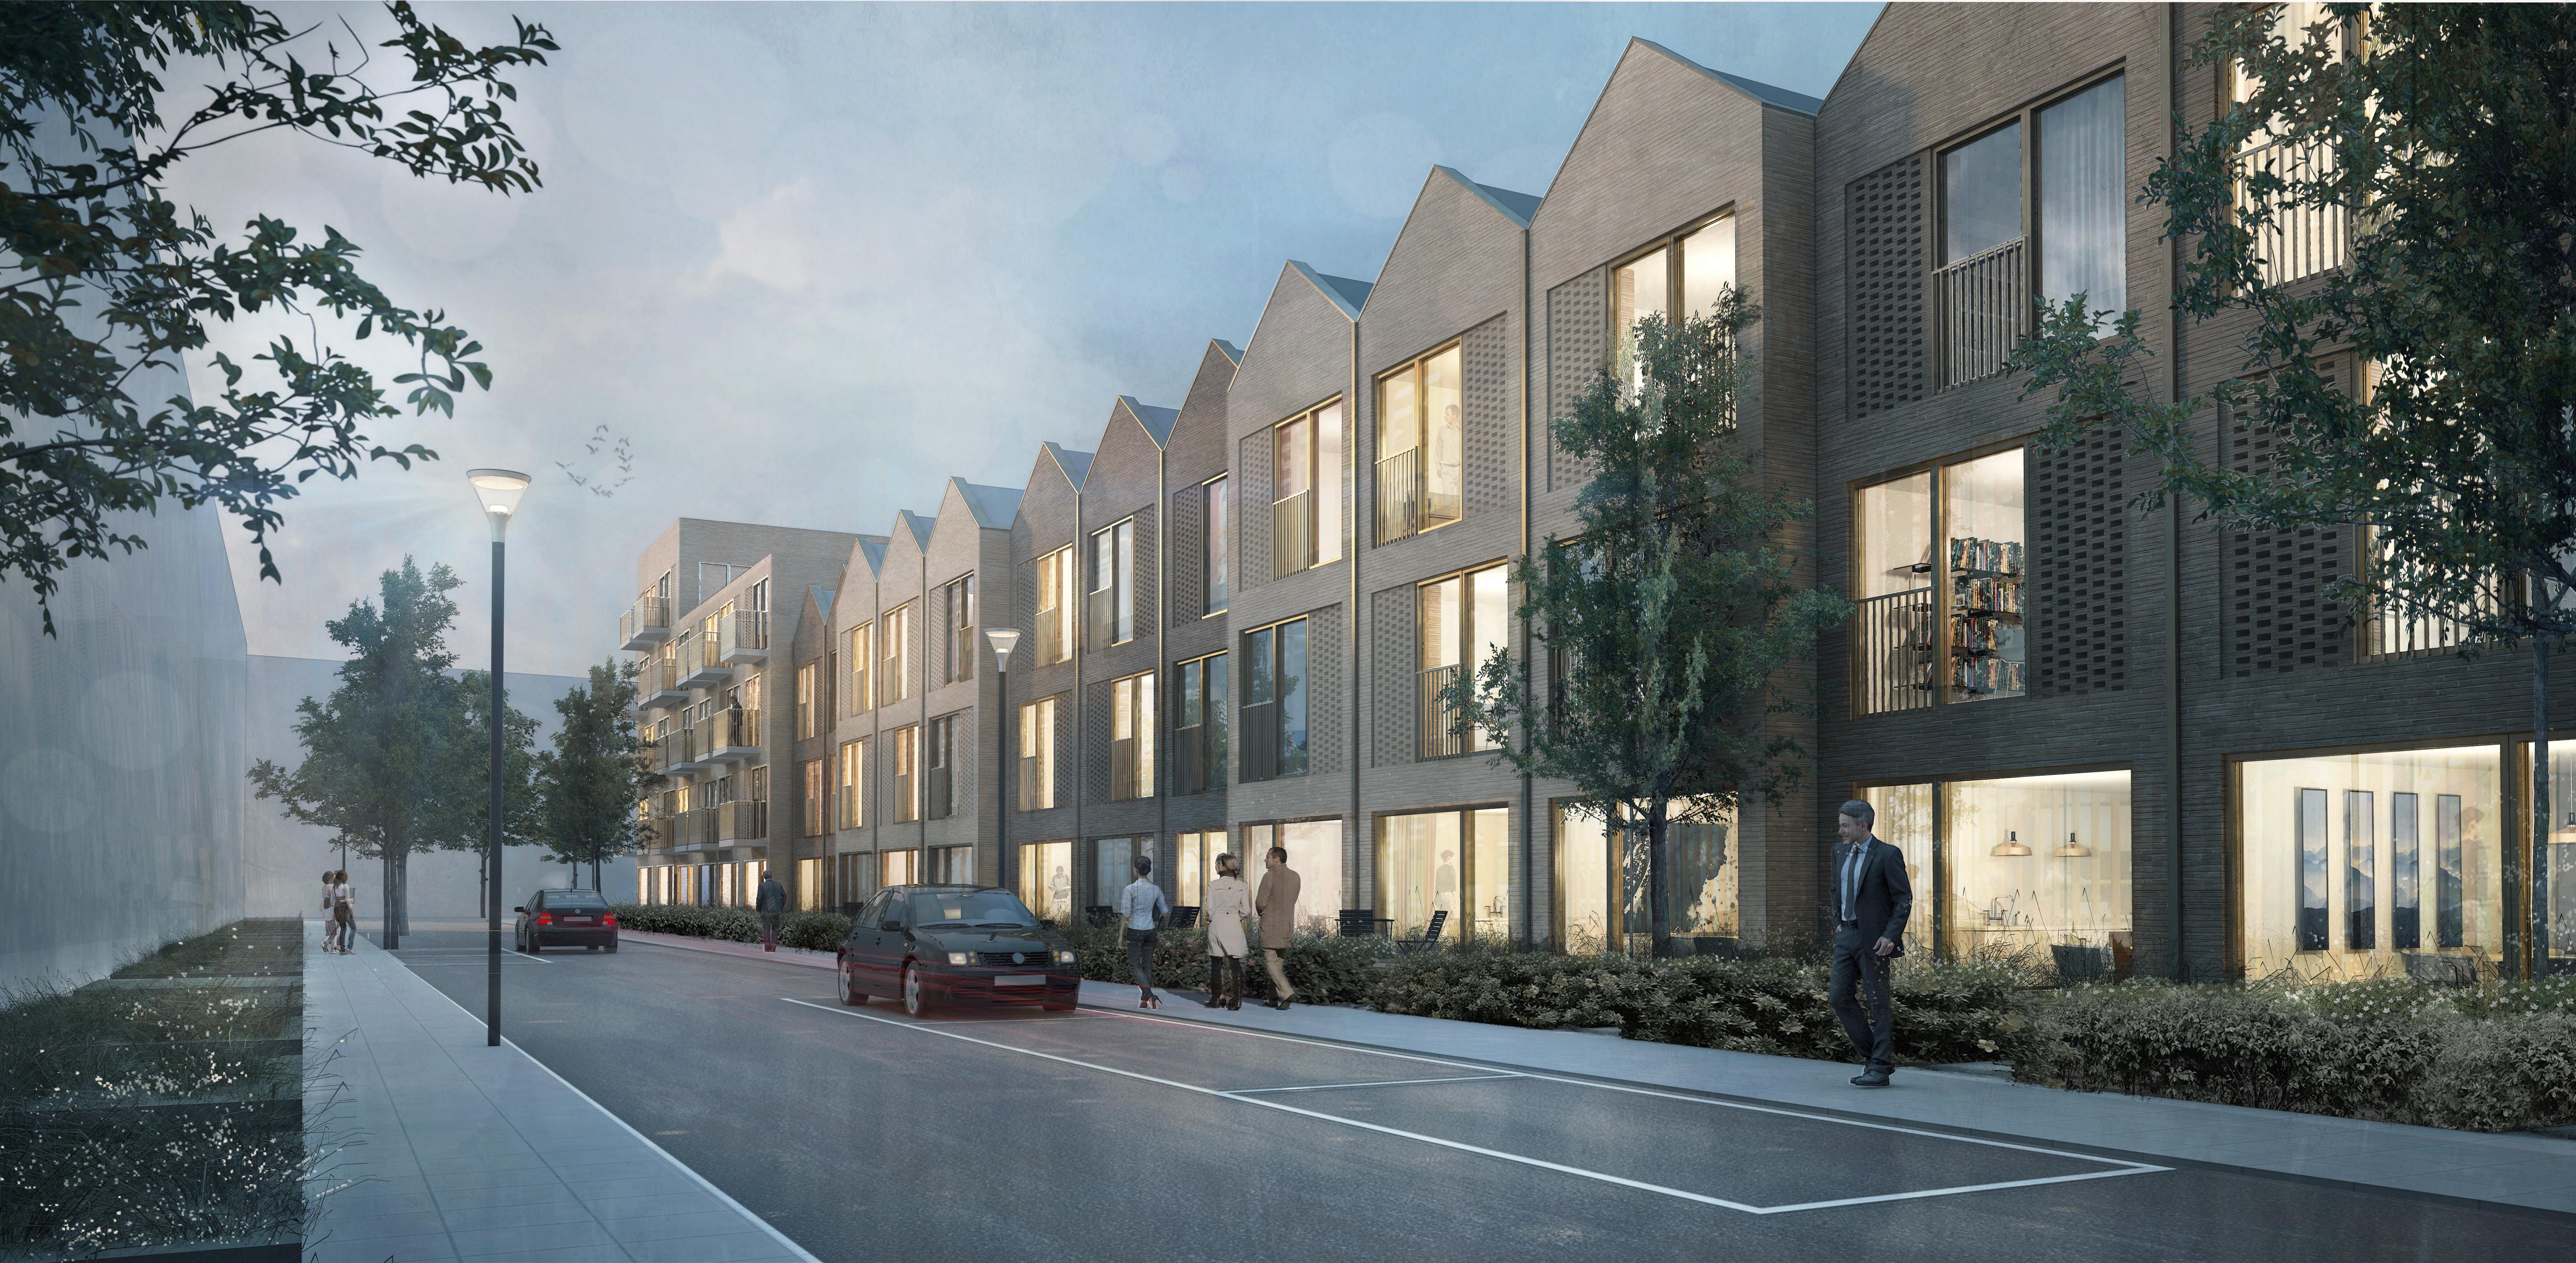 b92aea78272 HHM opfører 107 boliger i totalentreprise i Ørestad Syd - HHM